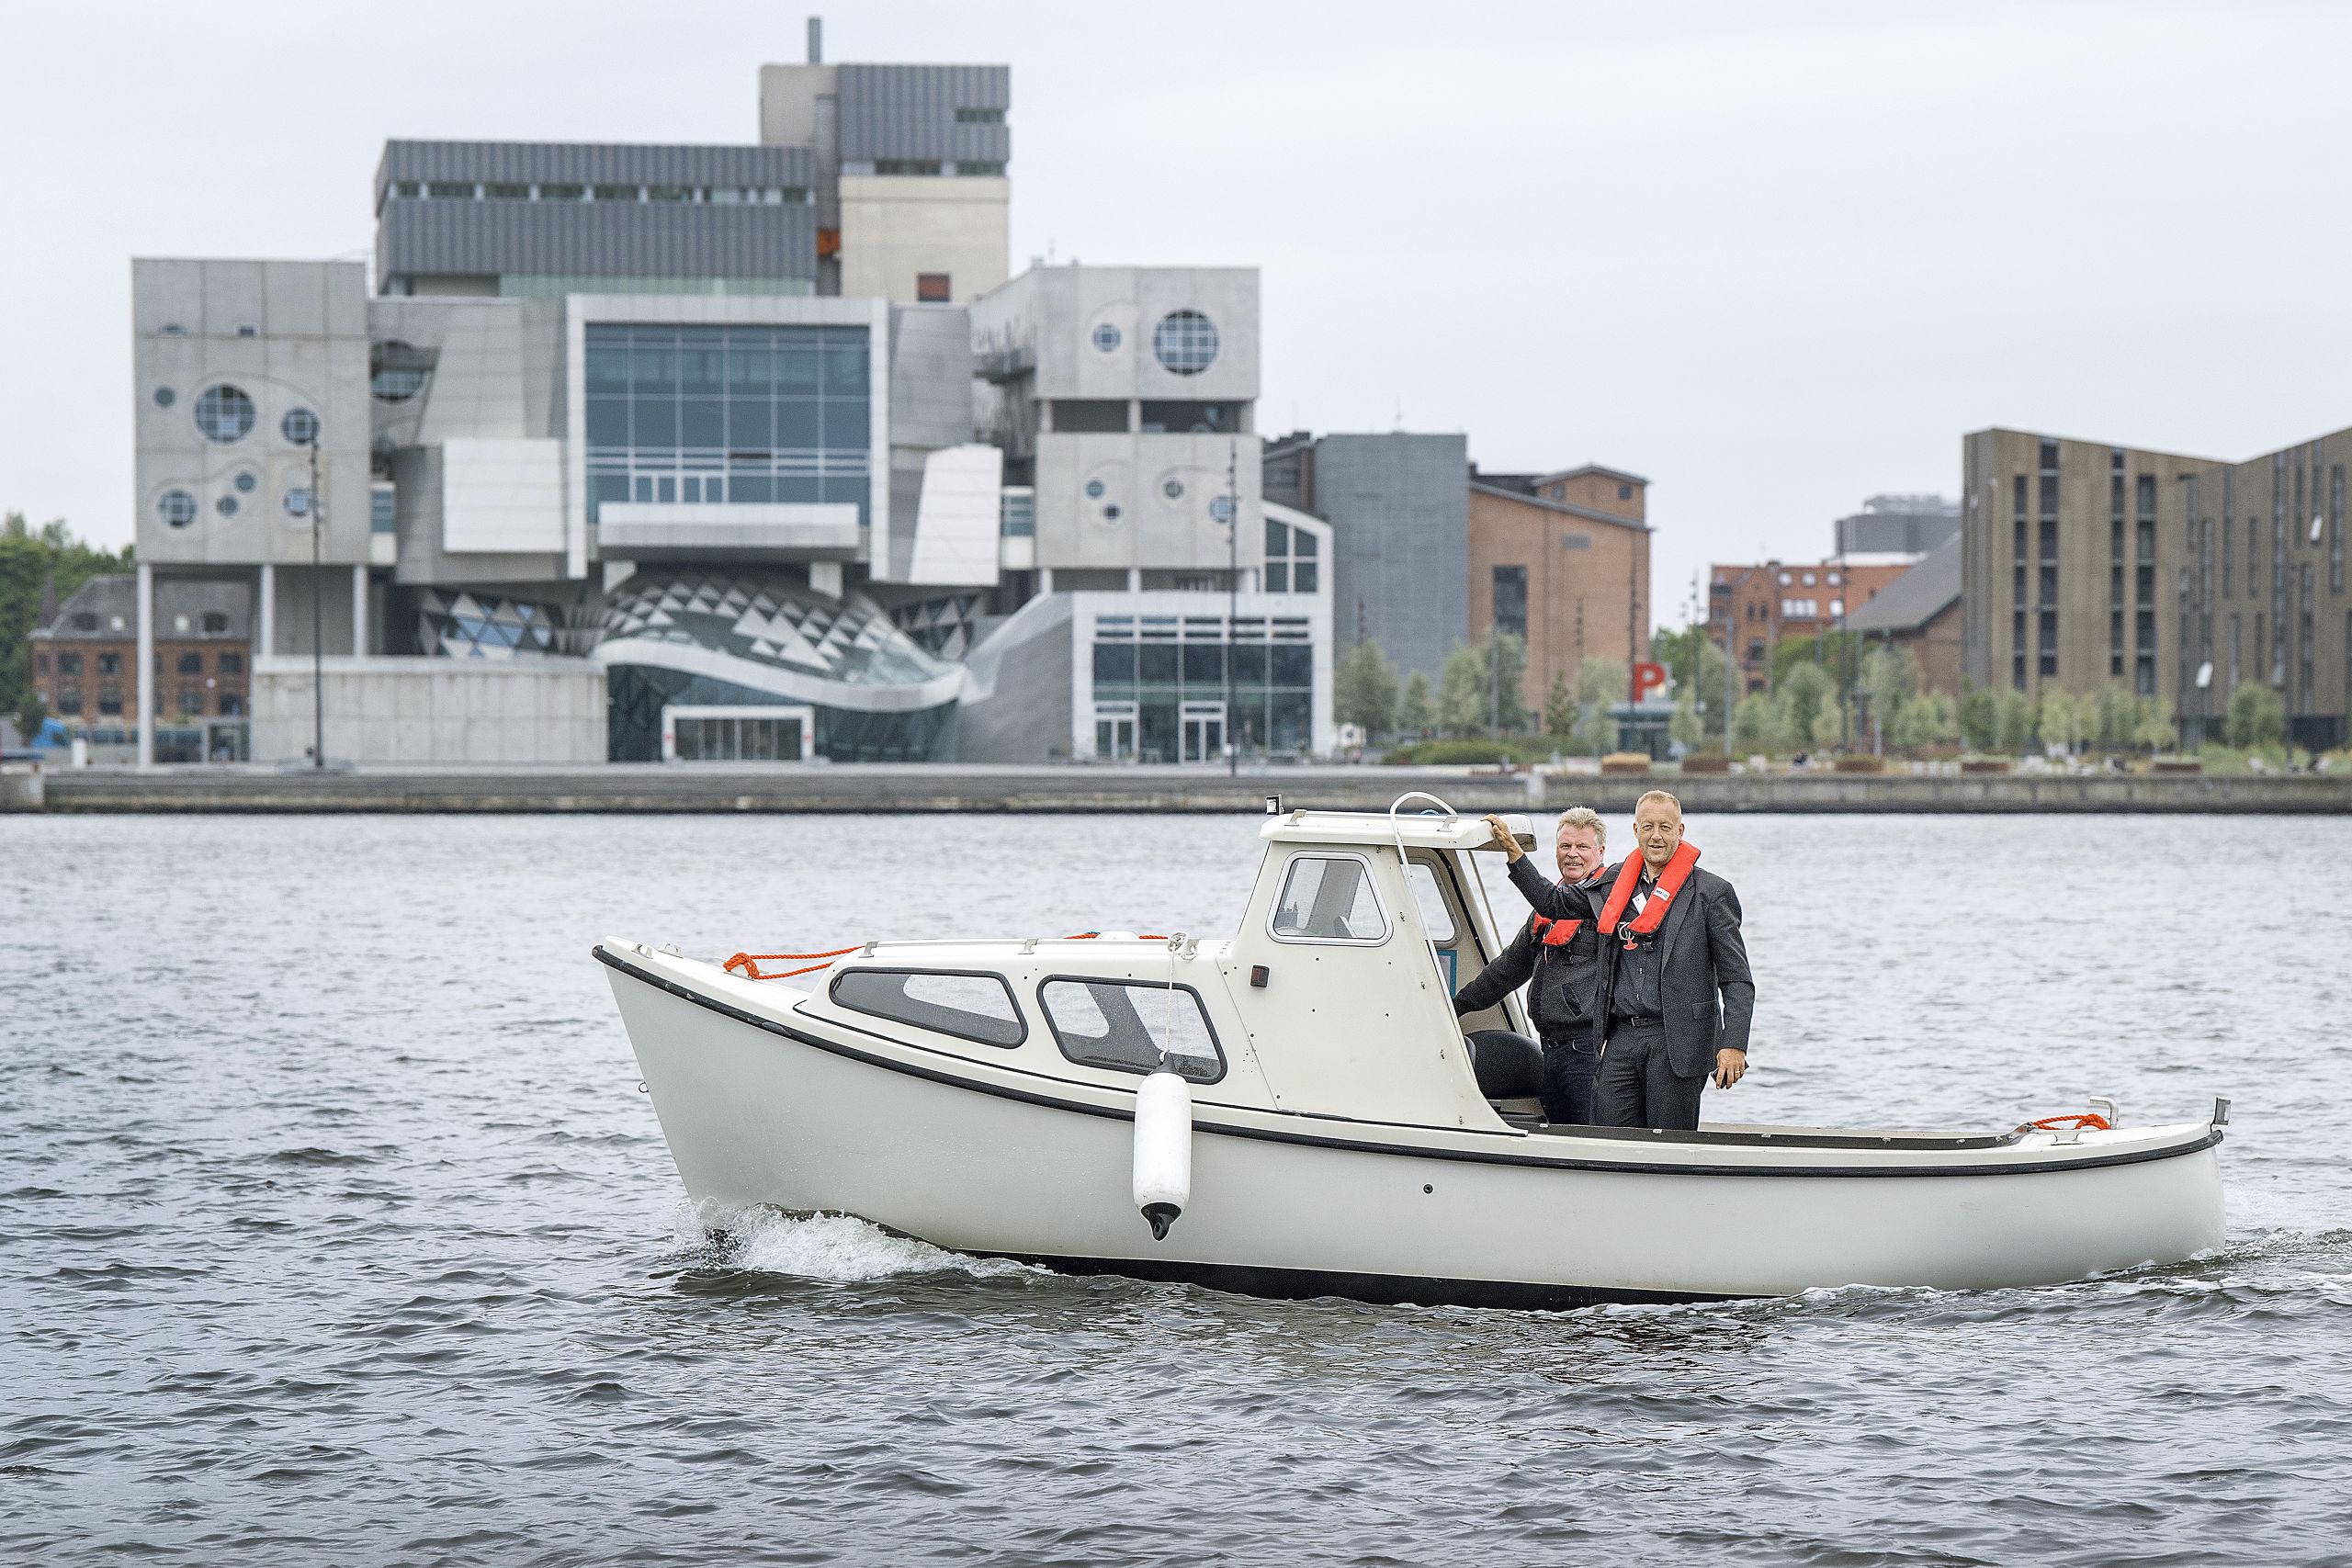 I testperioden skal både sejle frem og tilbage mellem Aalborg og Nørresundby både for- og eftermiddag. Ved hjælp af kameraer og censorer skal den registrere, hvilke elementer den møder på vandet.Foto: Lars Pauli